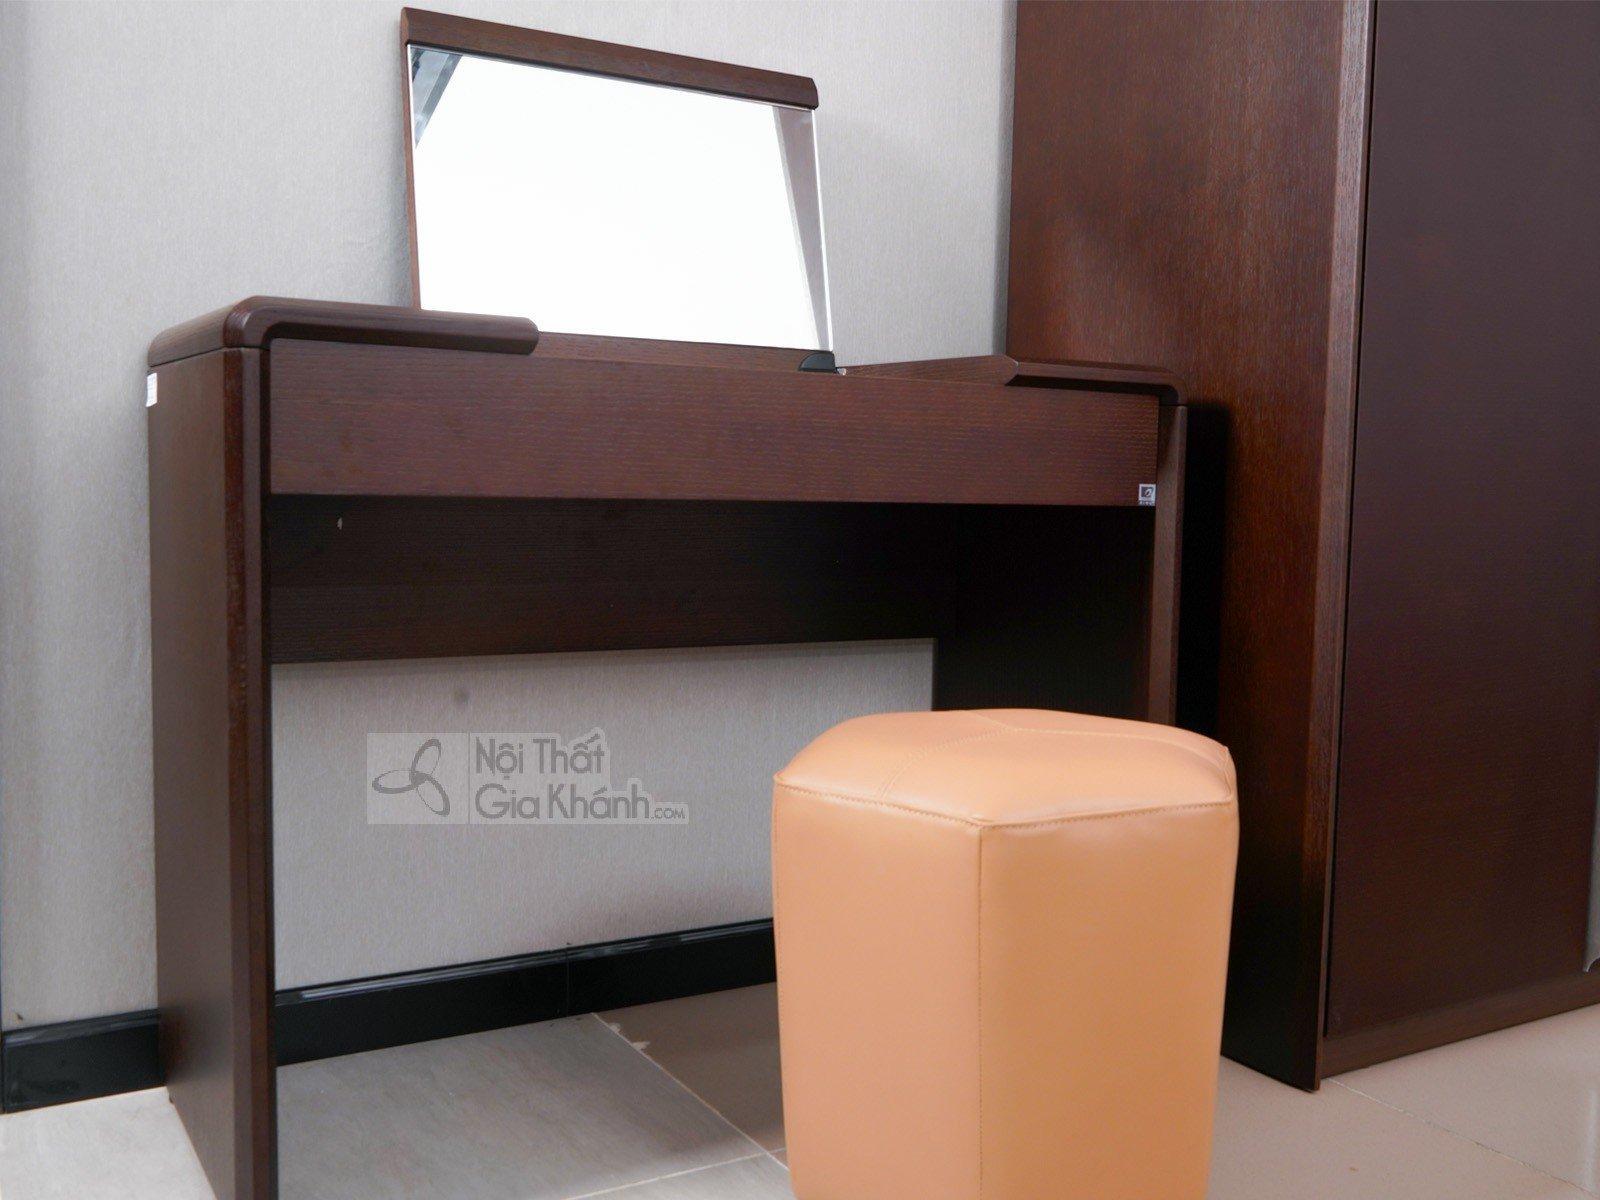 bo giuong ngu go hien dai nhap khau bn1801cn 18 3 - Bộ bàn trang điểm hiện đại thông minh gỗ cao cấp BD1802